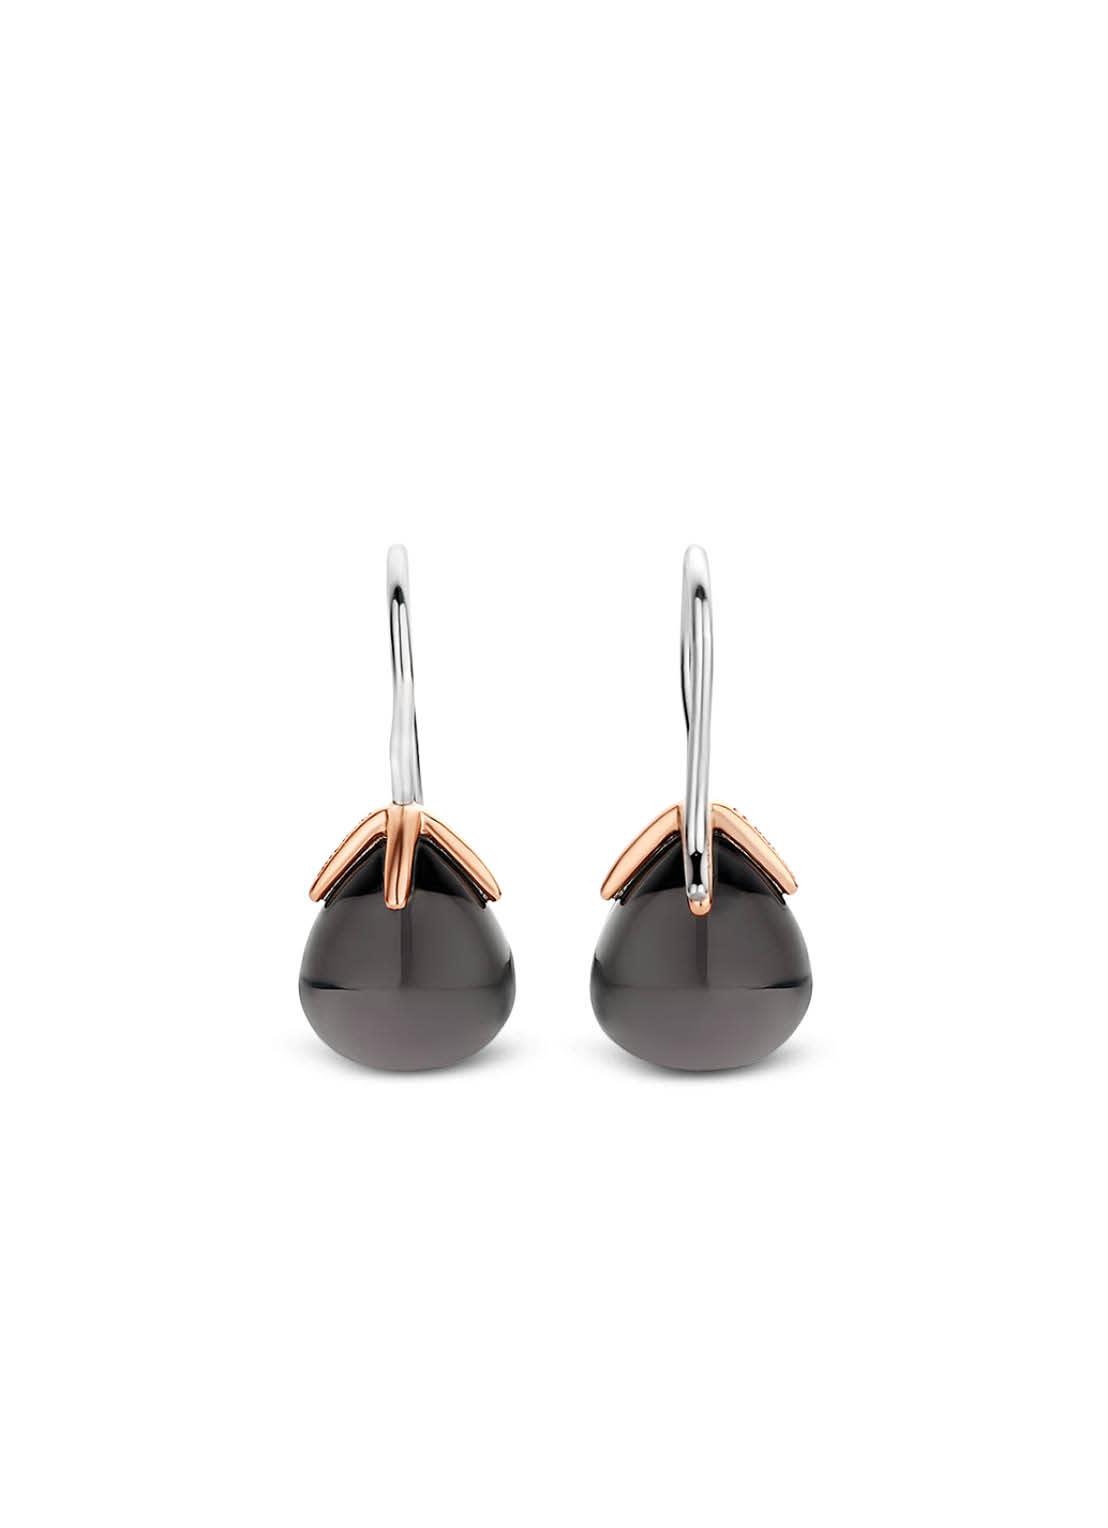 TI SENTO - Milano Earrings 7802GB-4